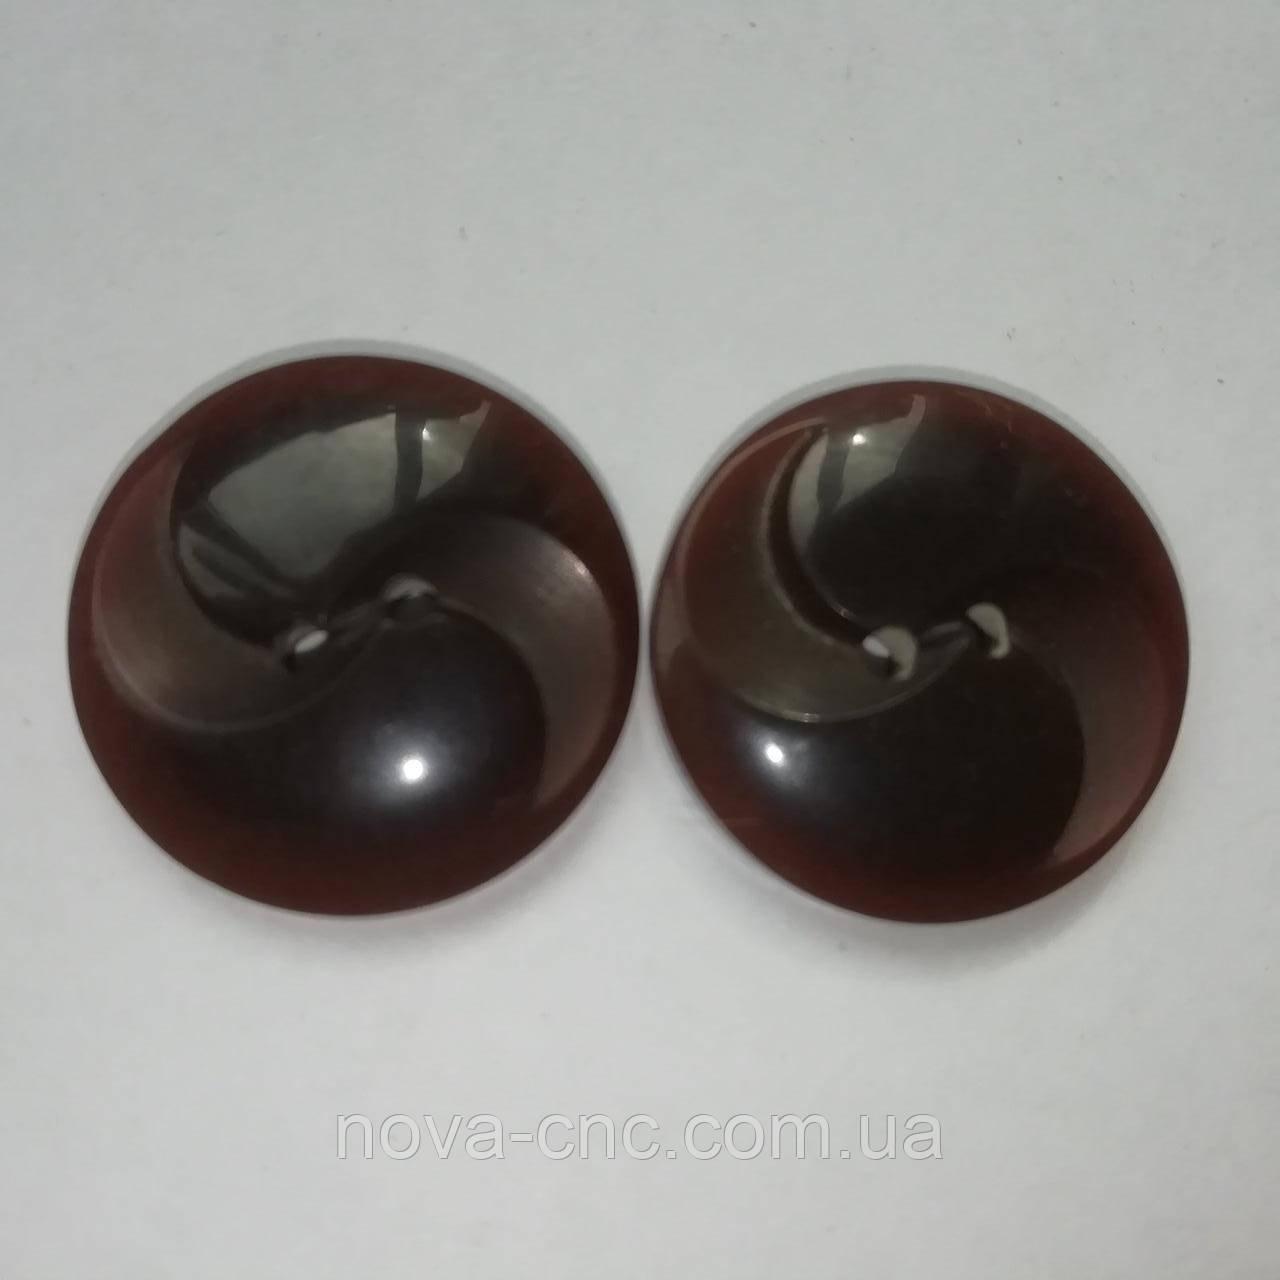 Пуговицы  пластмассовые 22 мм Цвет коричневый Упаковка 10 штук